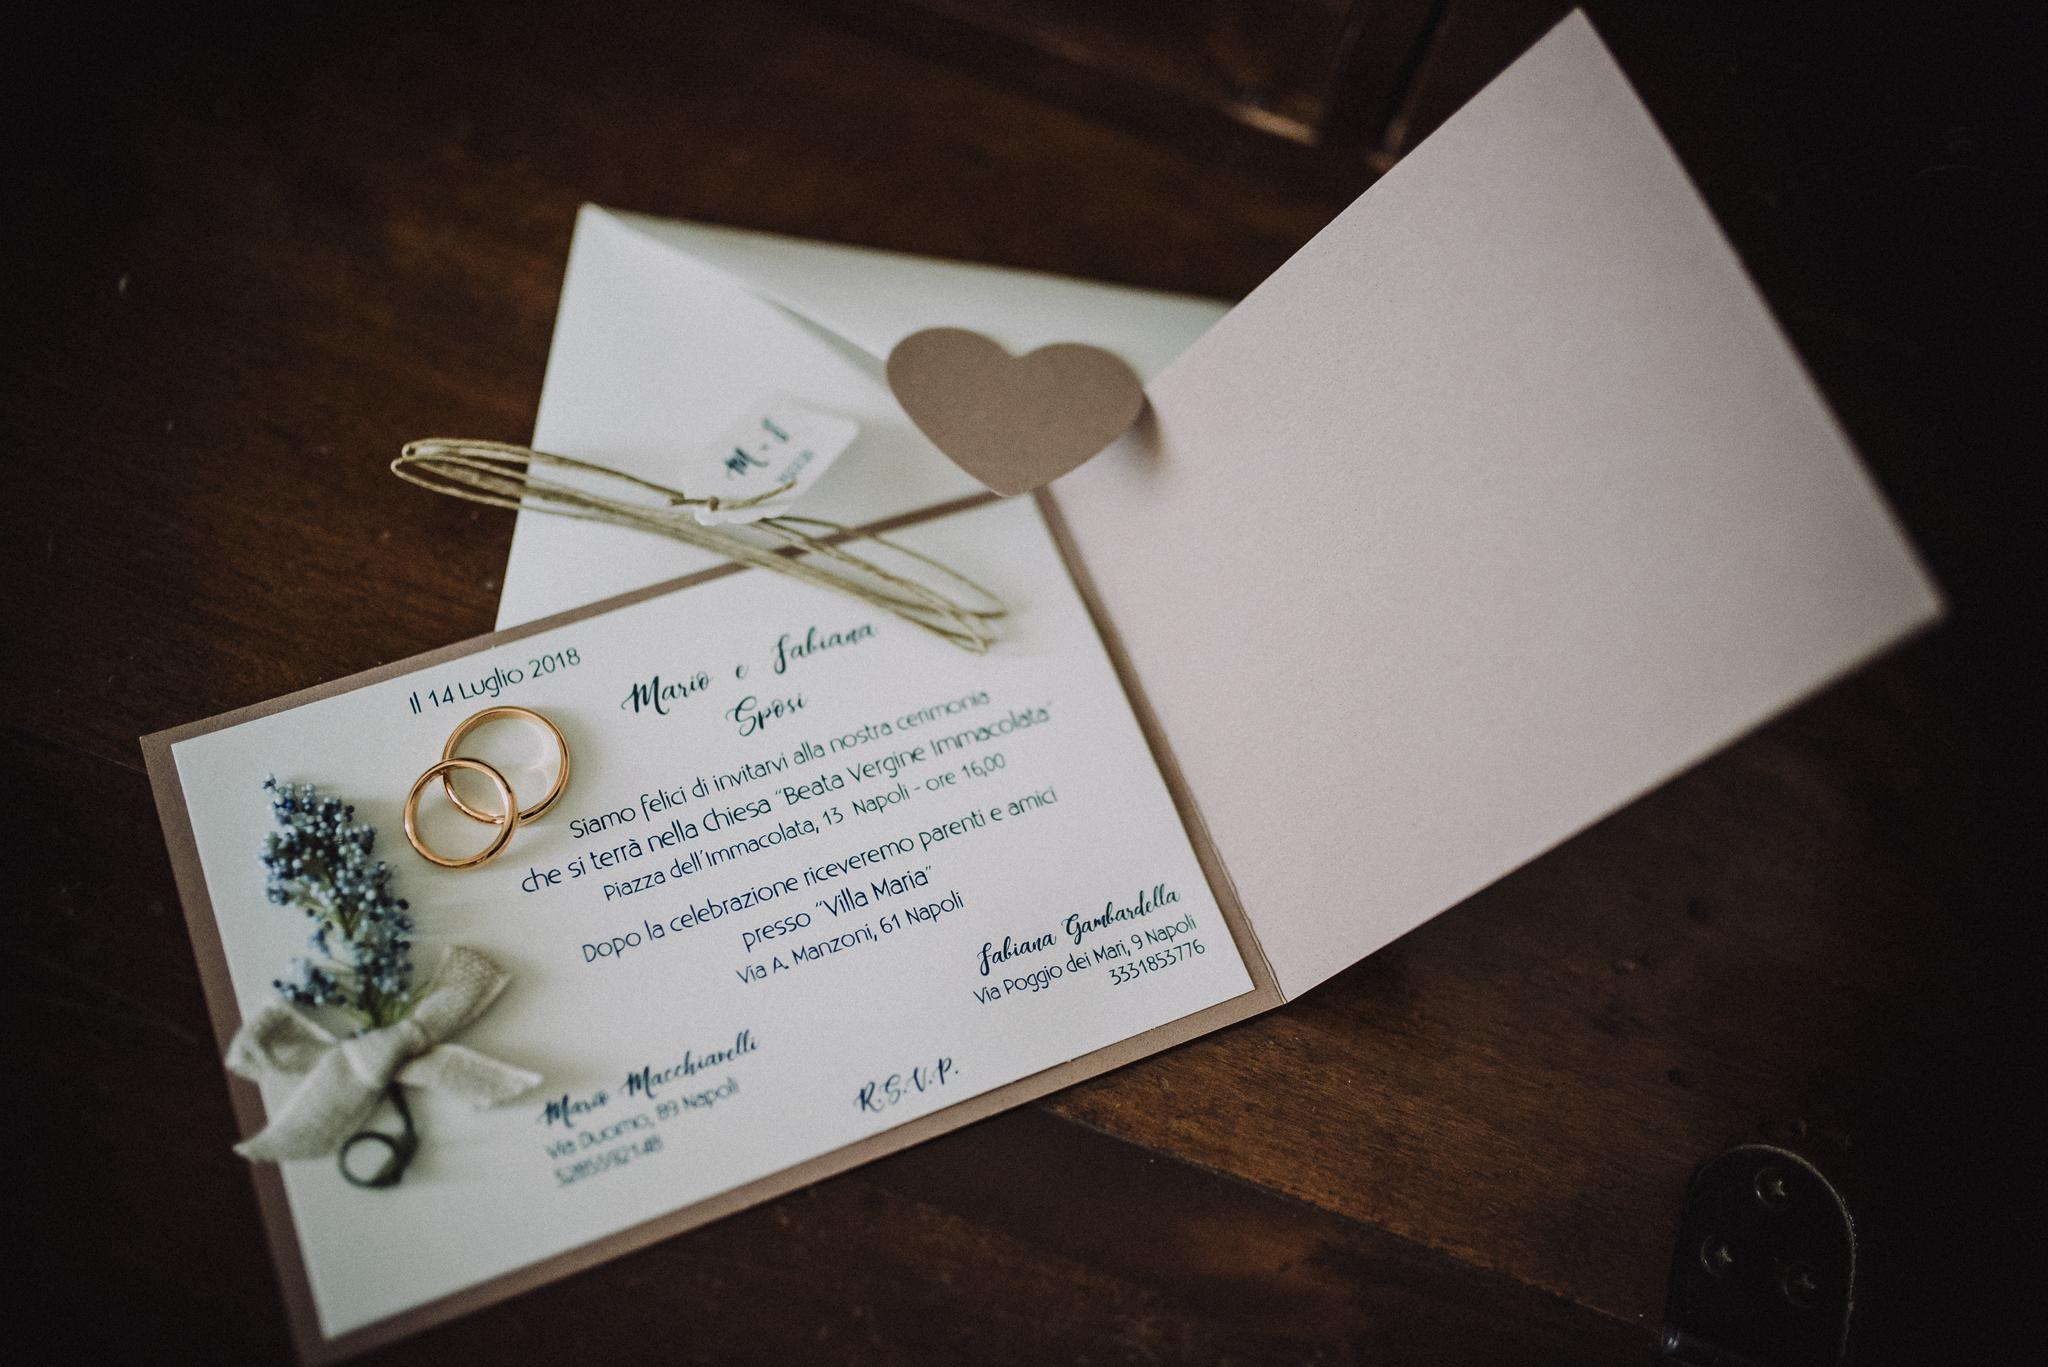 Partecipazioni Matrimonio Cosa Scrivere.Partecipazioni Matrimonio Cosa Scrivere Regole Ed Eccezioni